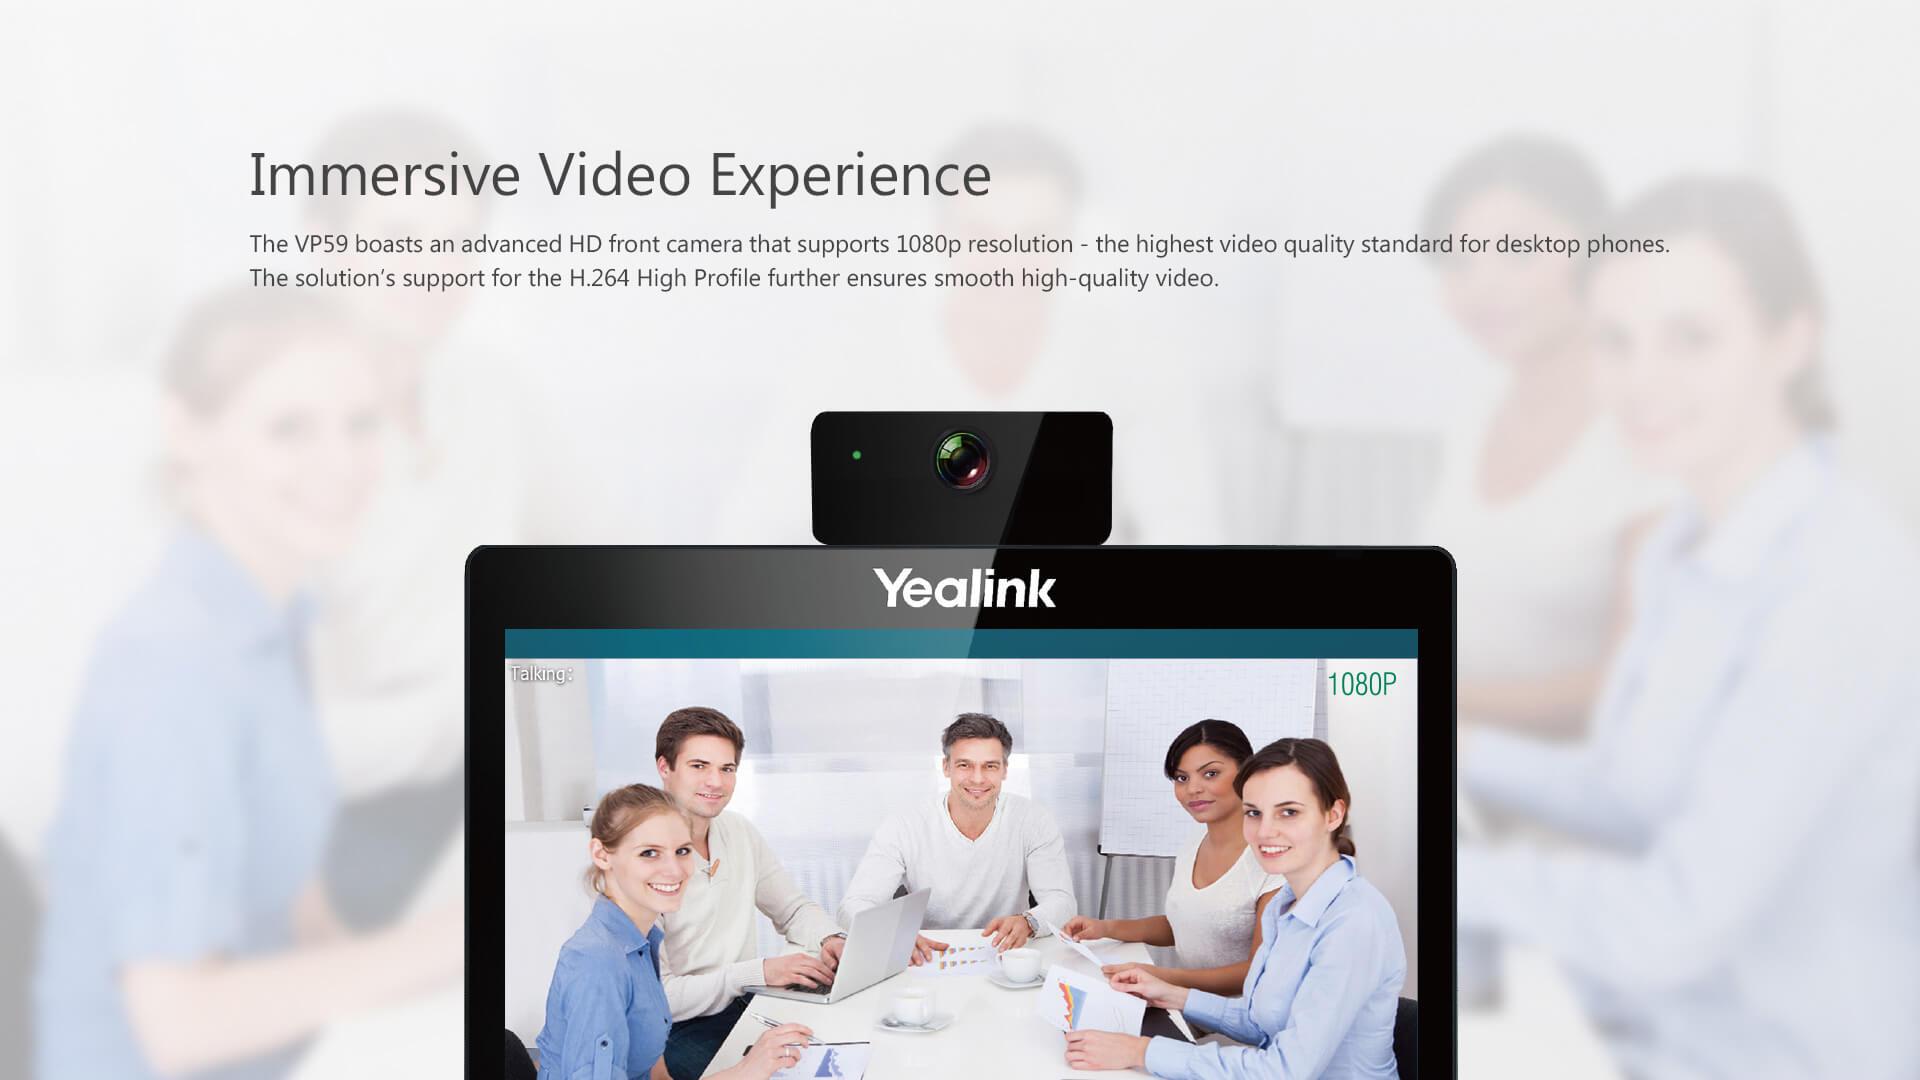 Yealink VP59 Smart Video Phone